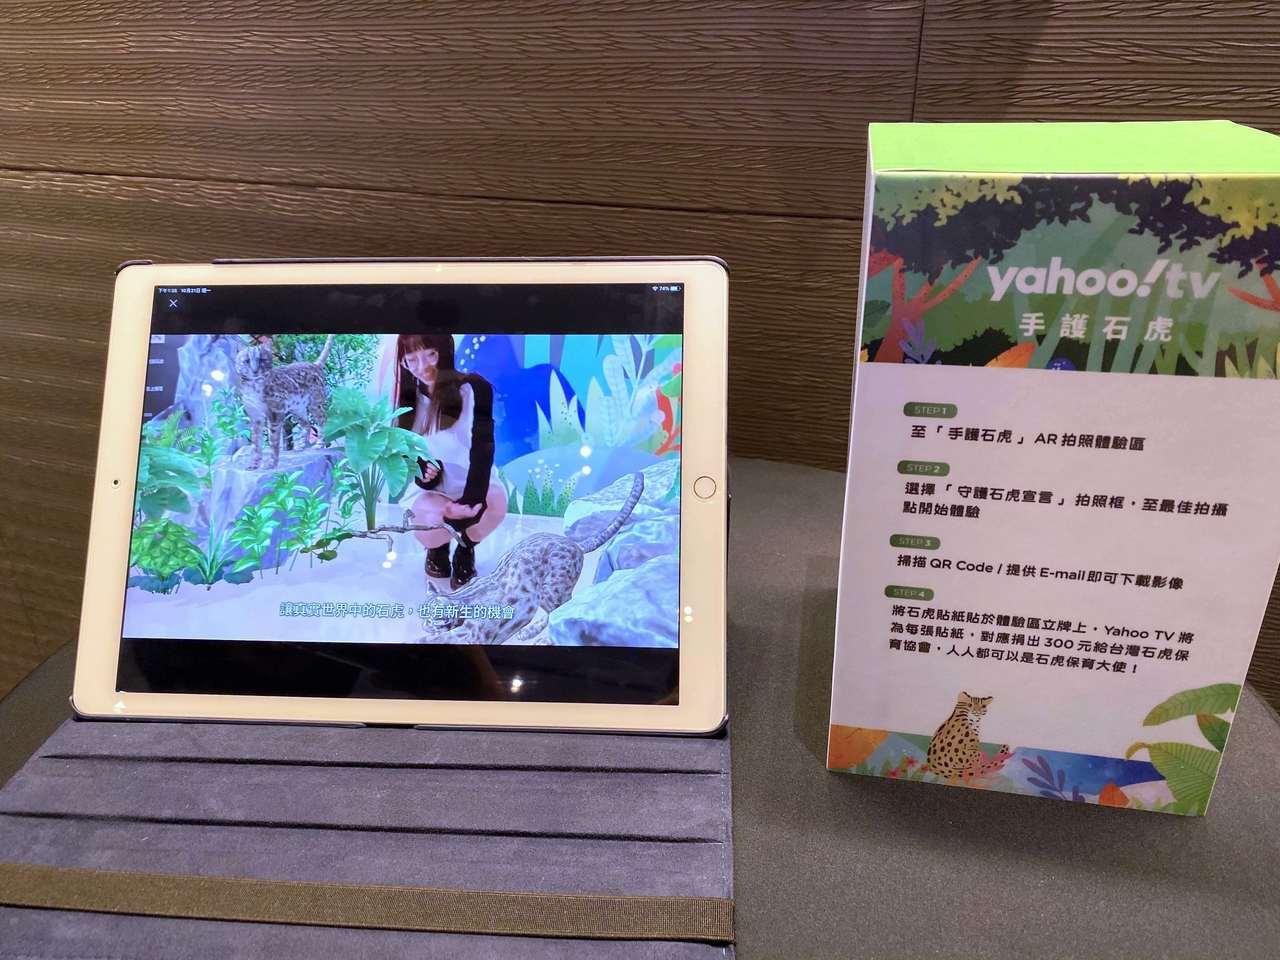 消費者最期待的5G應用,包含高畫質影音、智慧生活與AR相關應用。記者黃筱晴/攝影